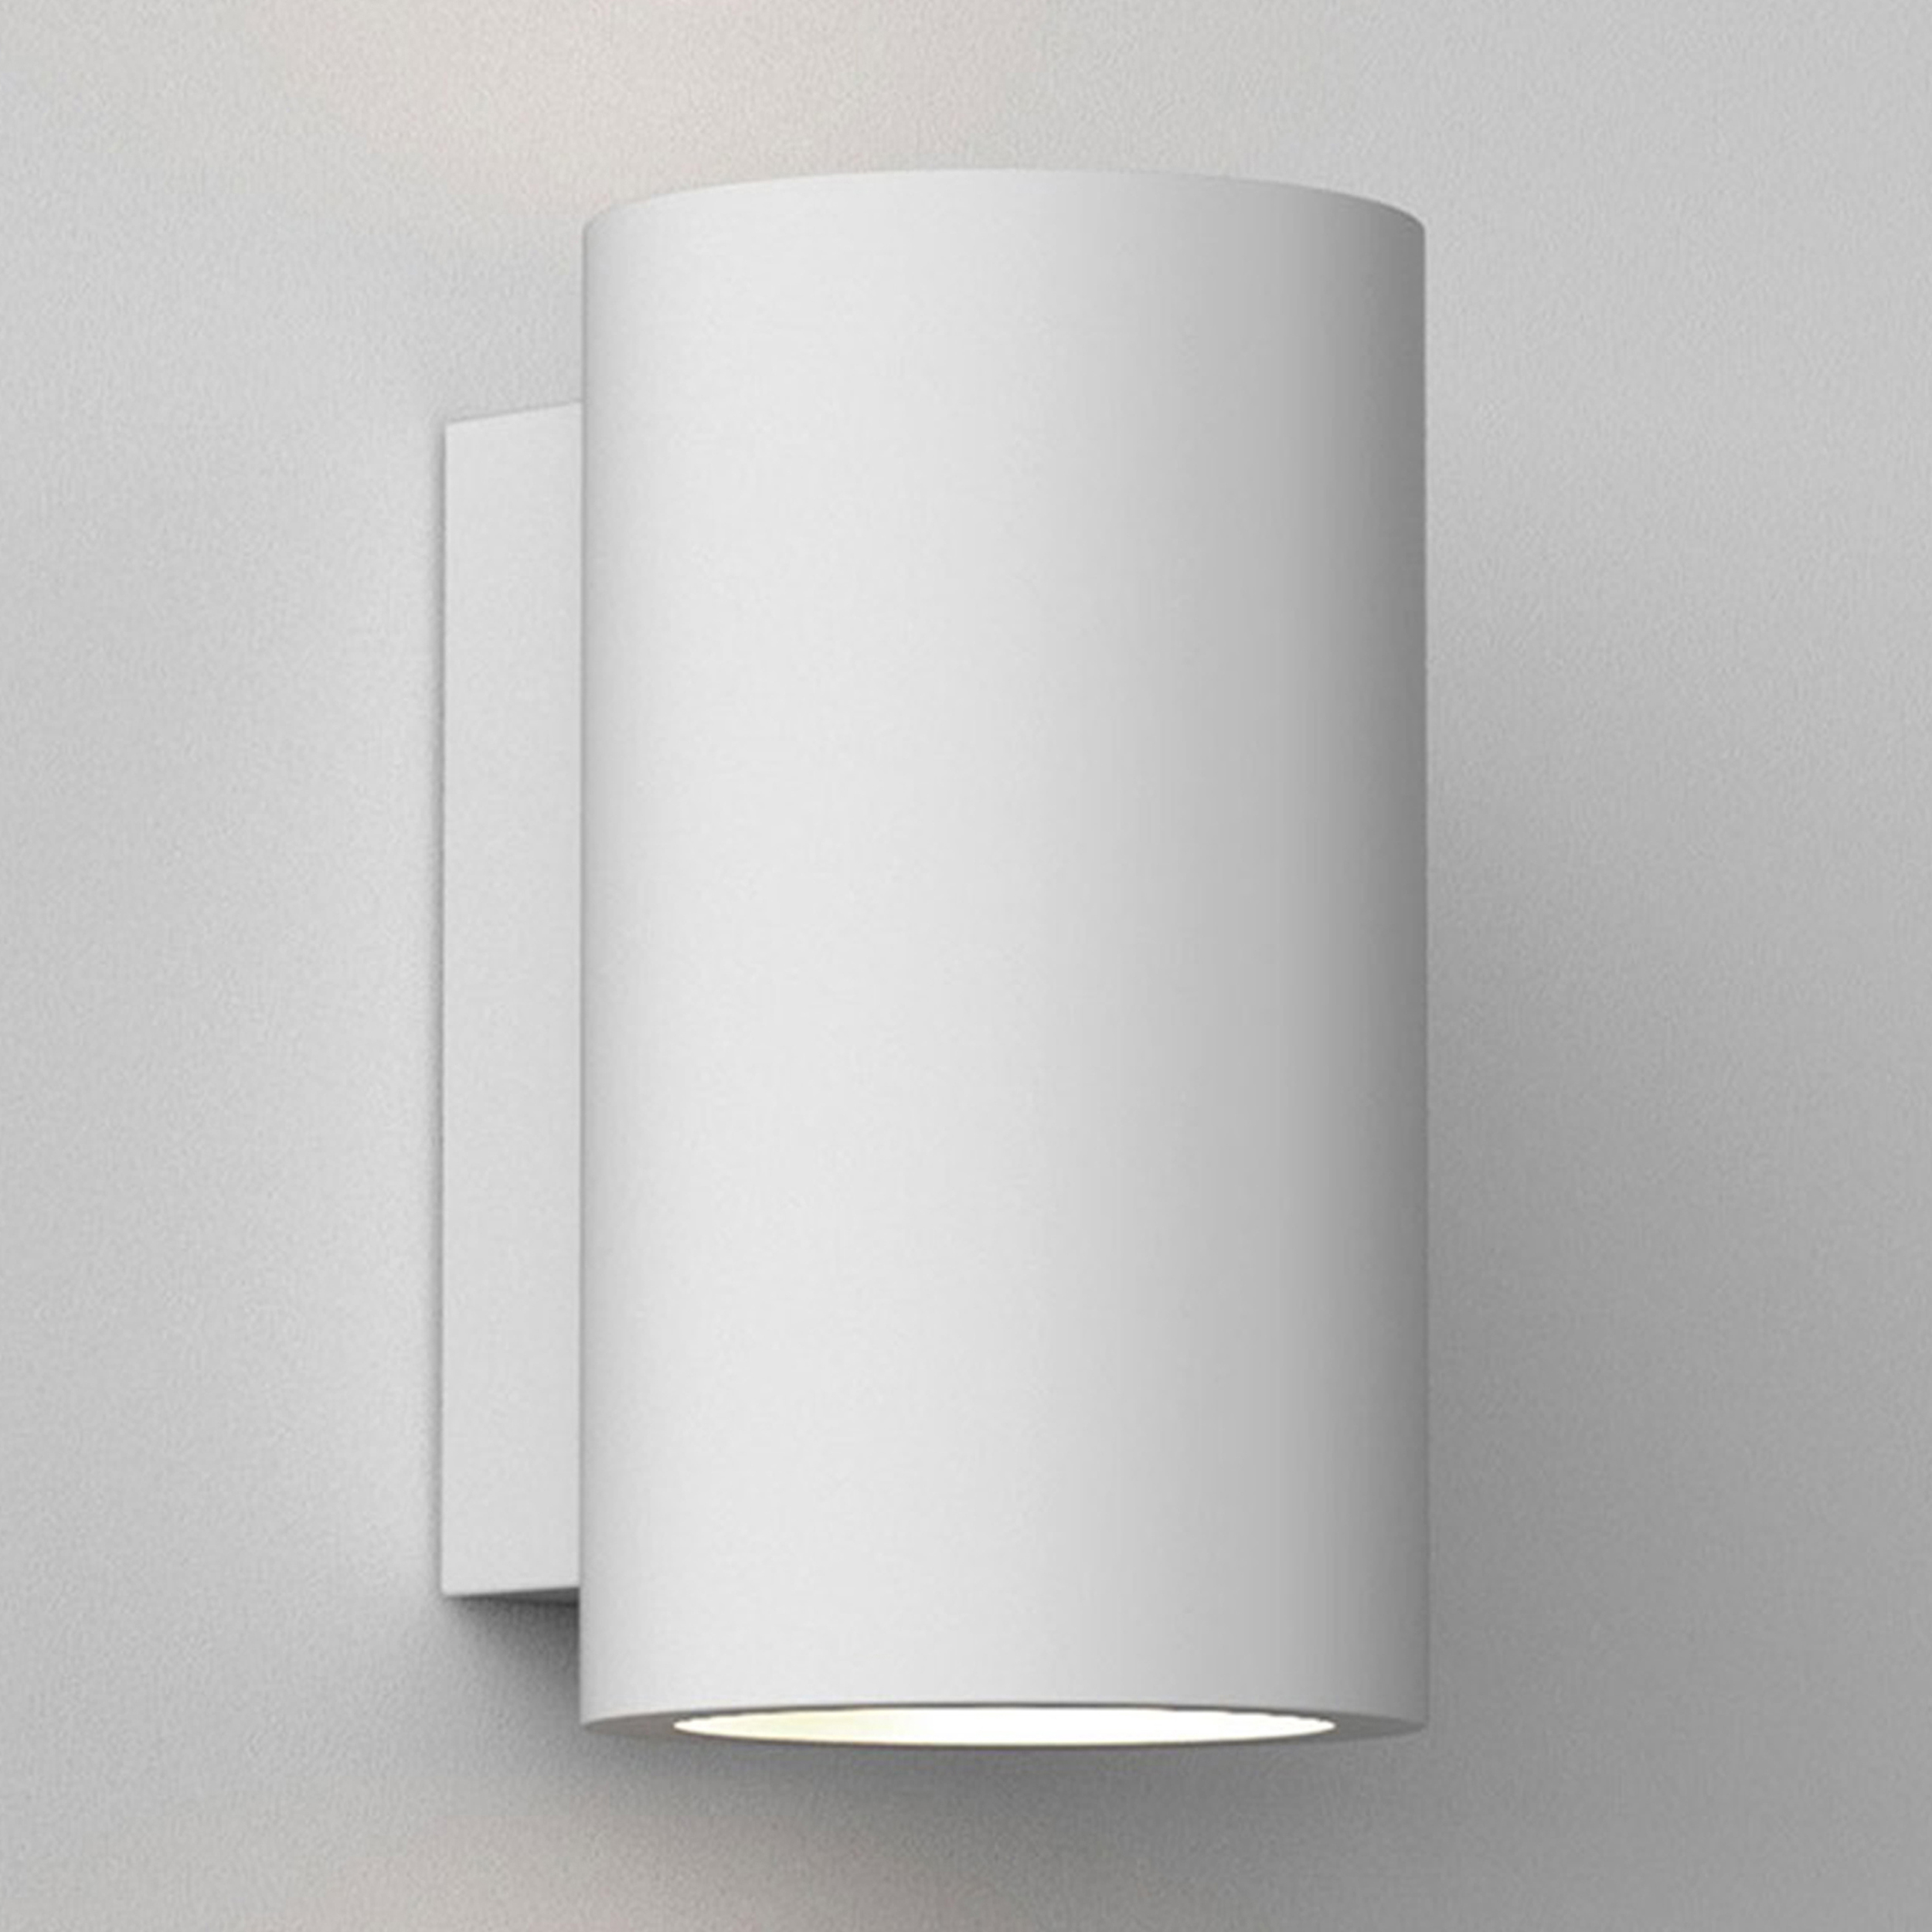 Astro Bologna 240 Led Wall Light White Plaster B